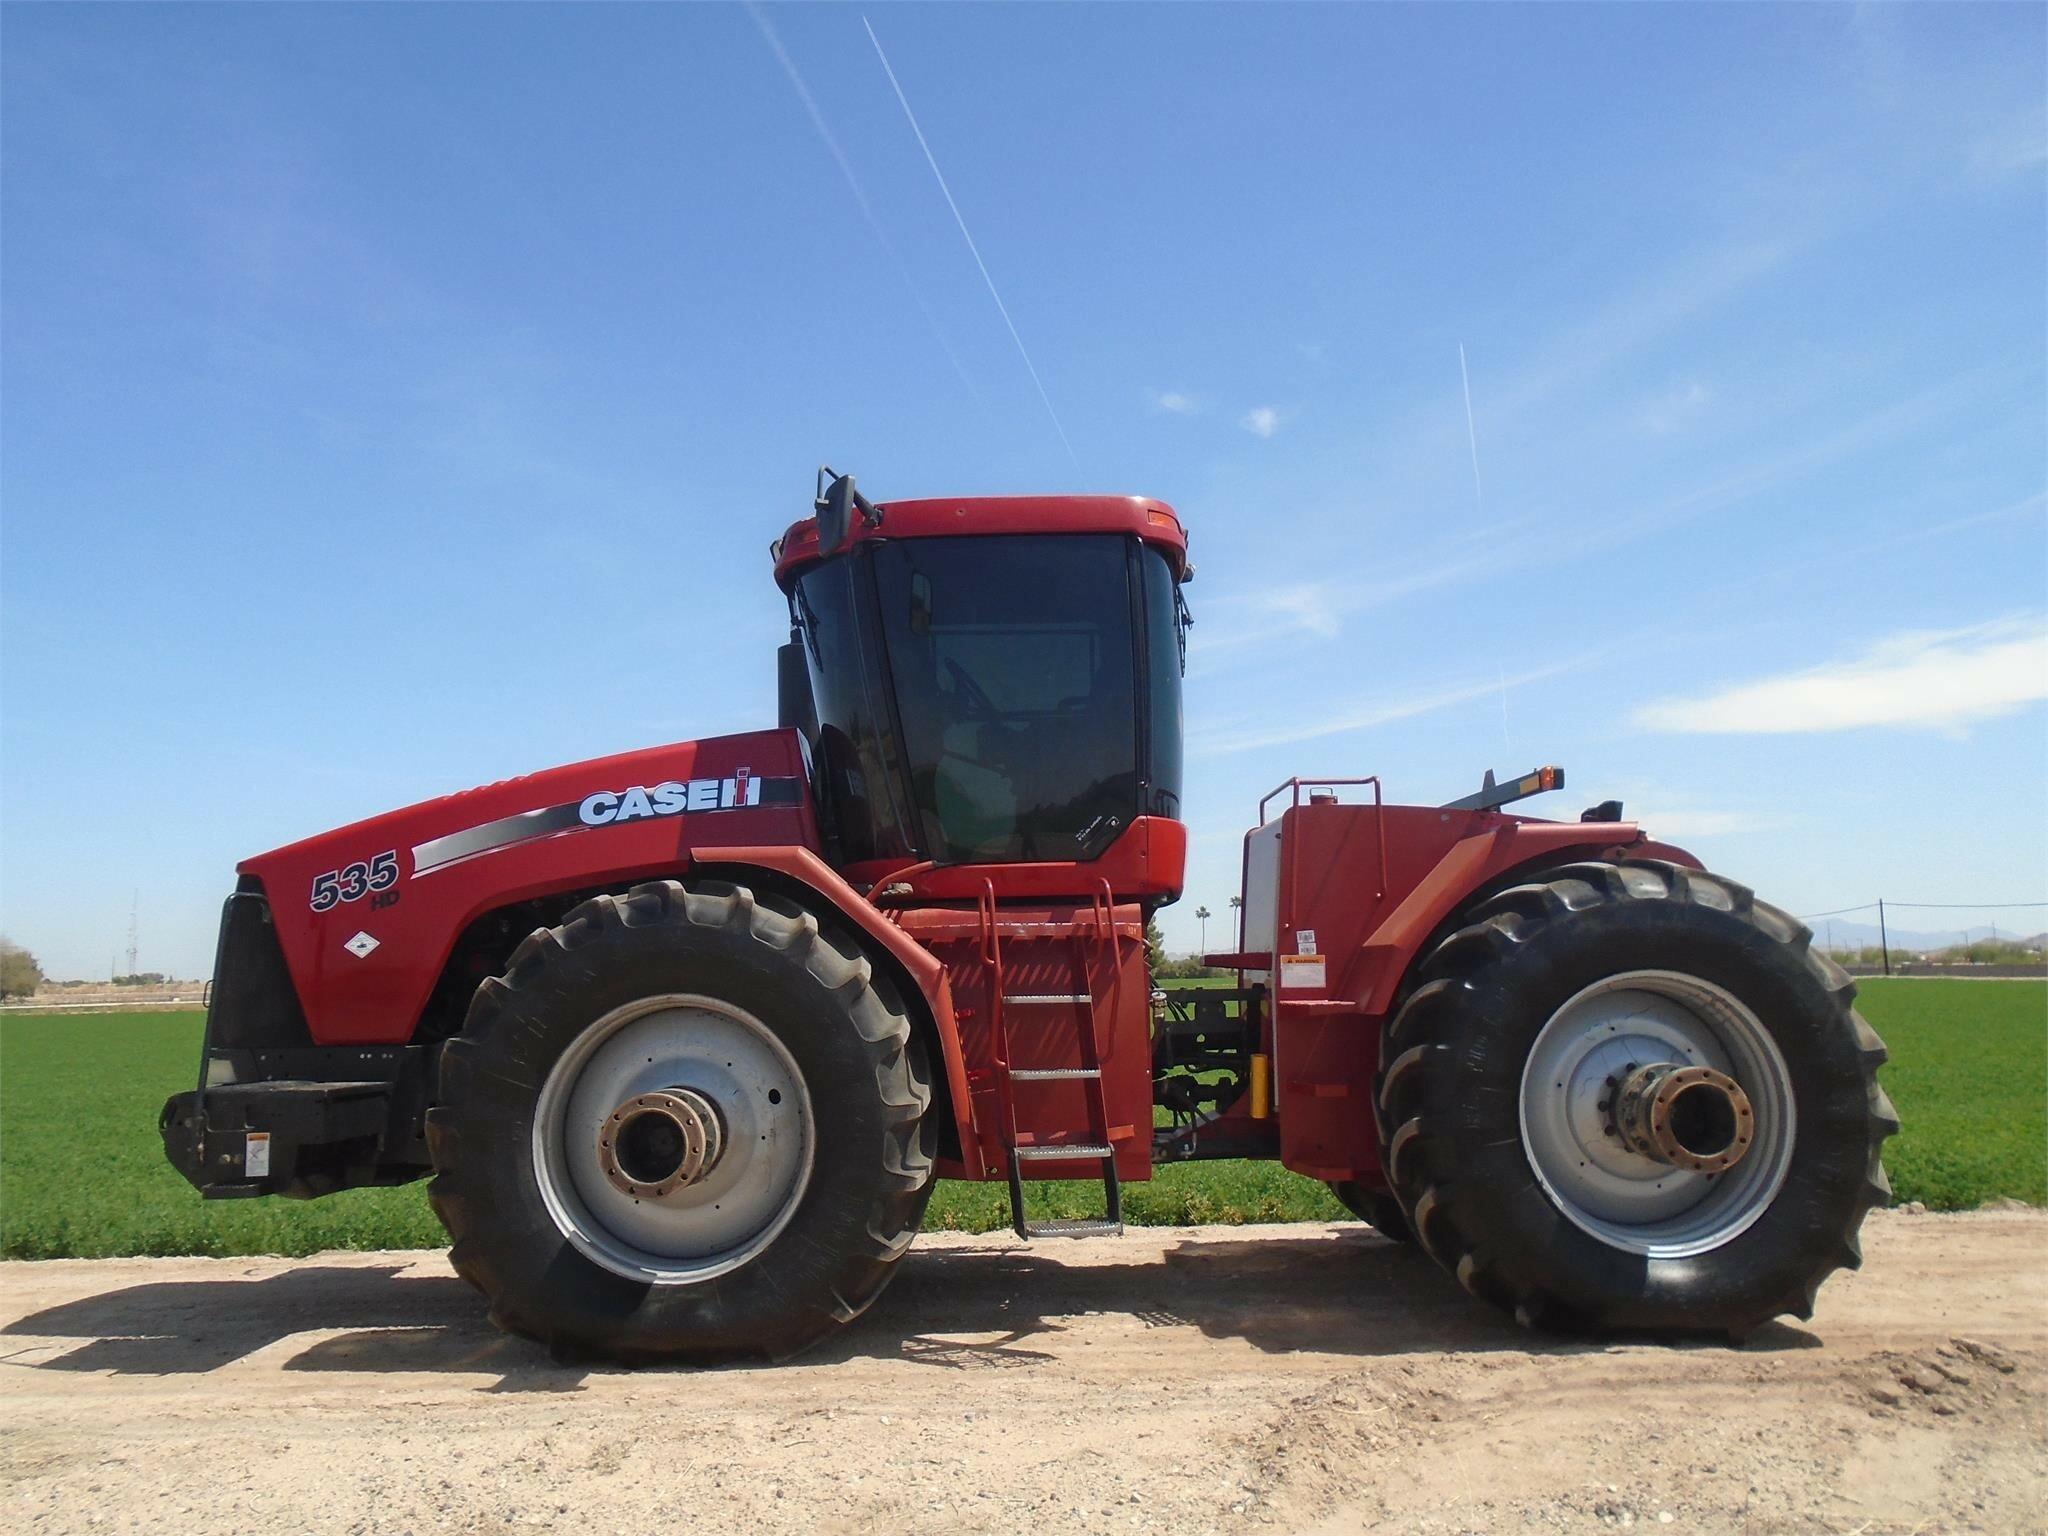 2010 Case IH Steiger 535 HD Tractor